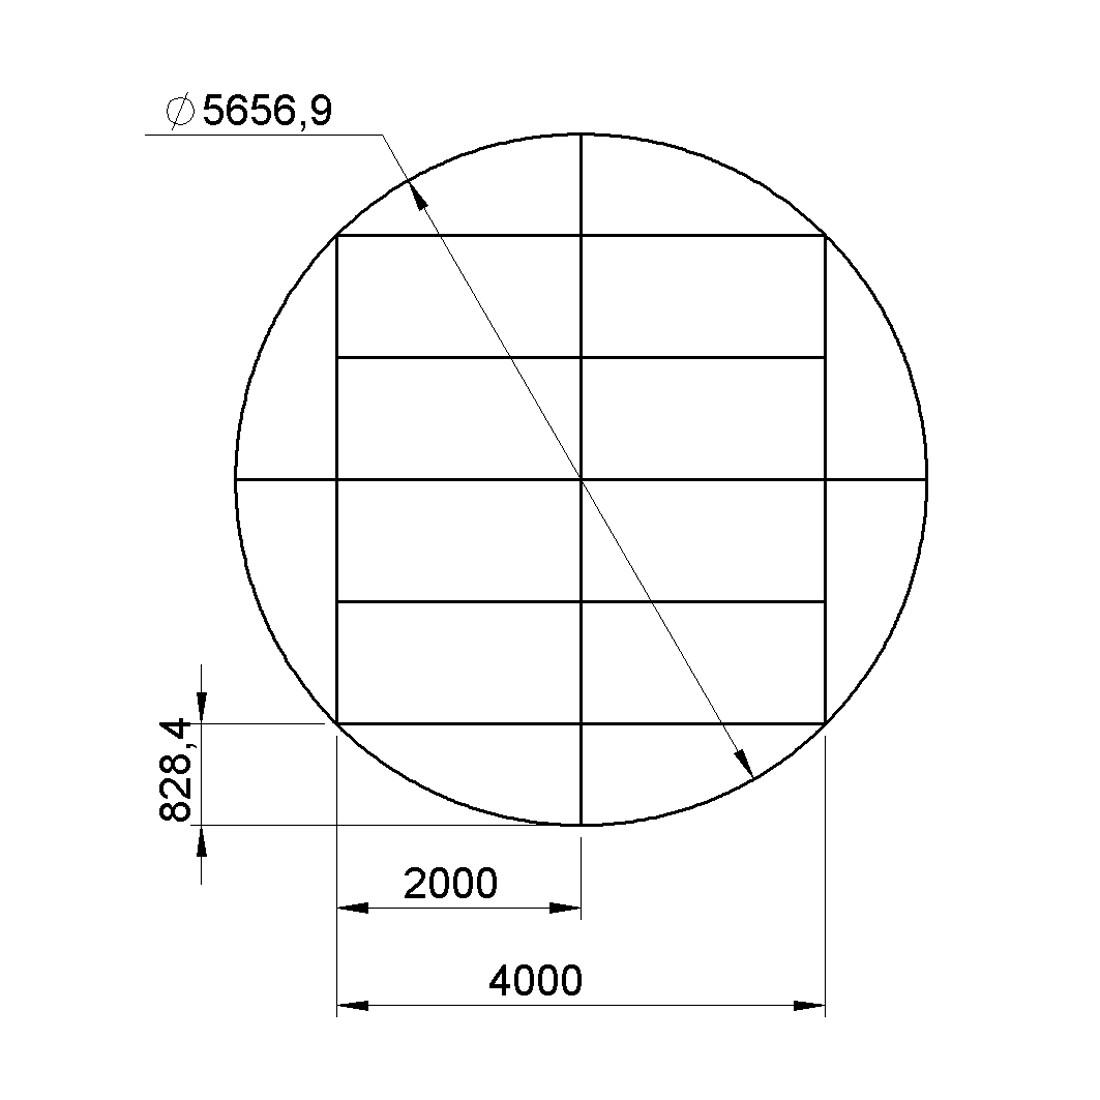 Duratruss DS-PROSTAGE Circle 5,5m Part 2